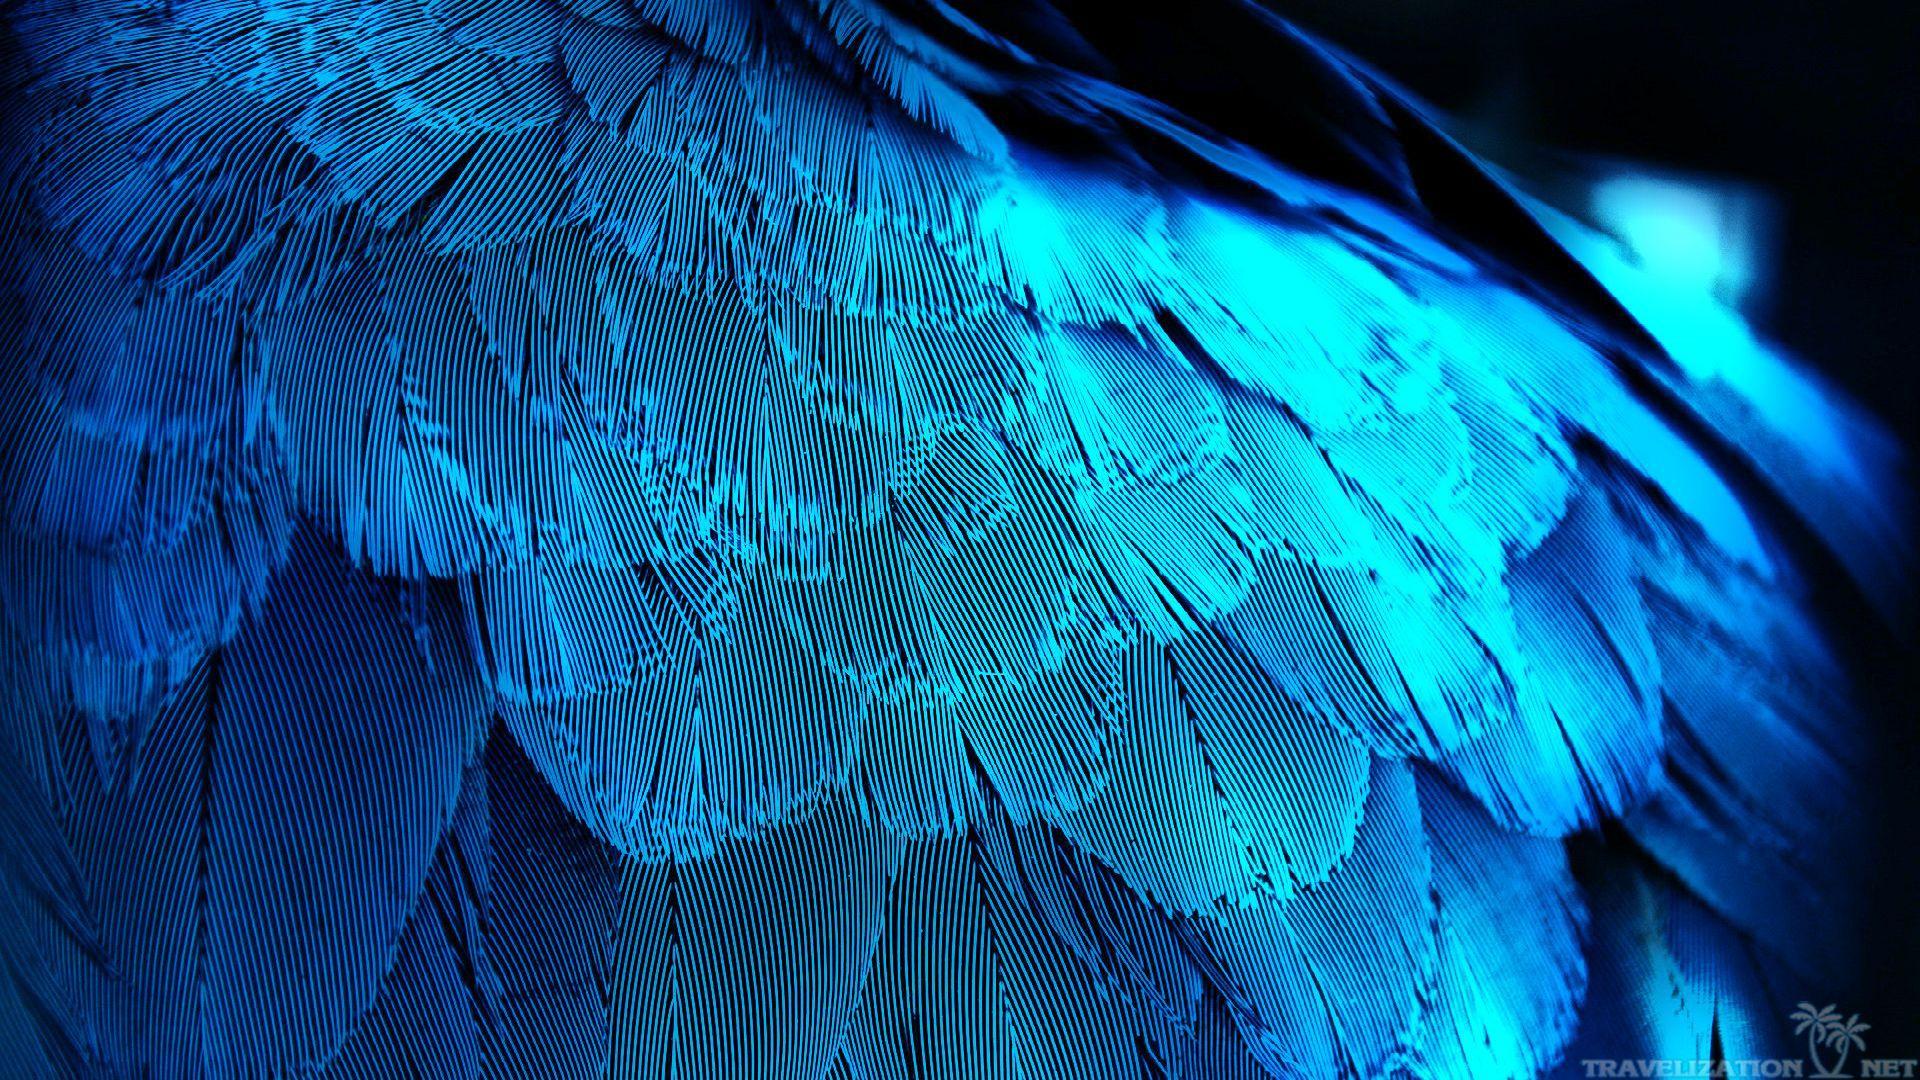 Best 40 Feather Wallpaper on HipWallpaper Feather Wallpaper 1920x1080